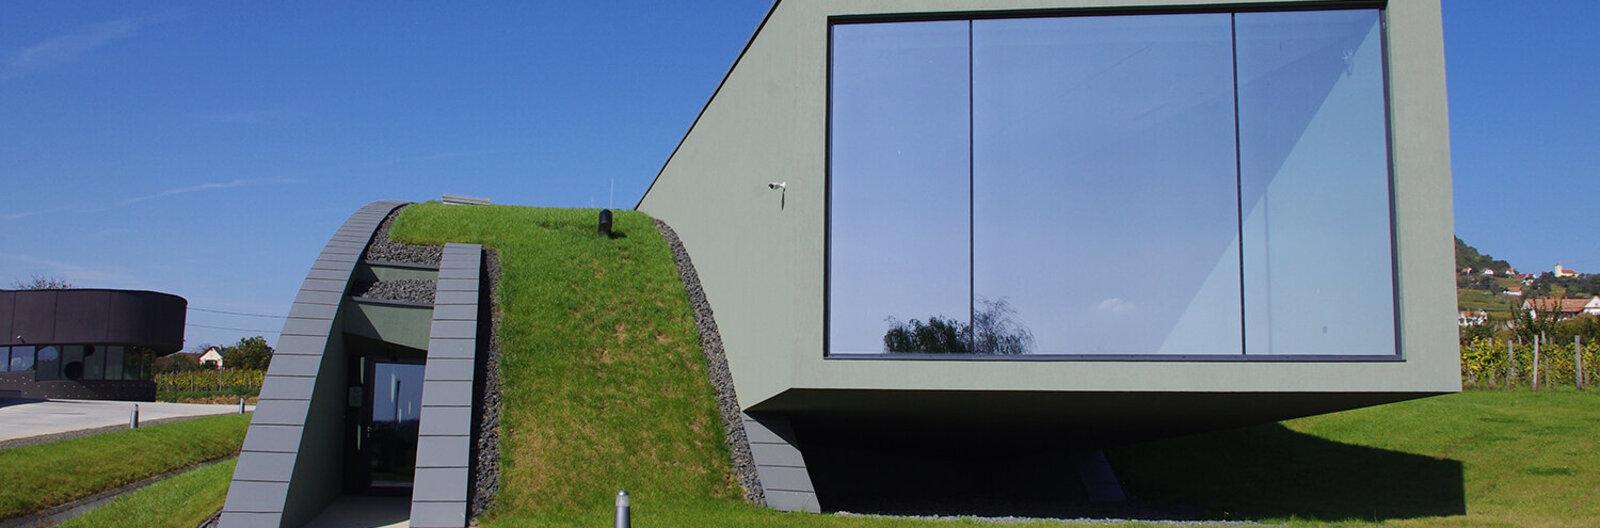 Három tanúhegy - három modern épület